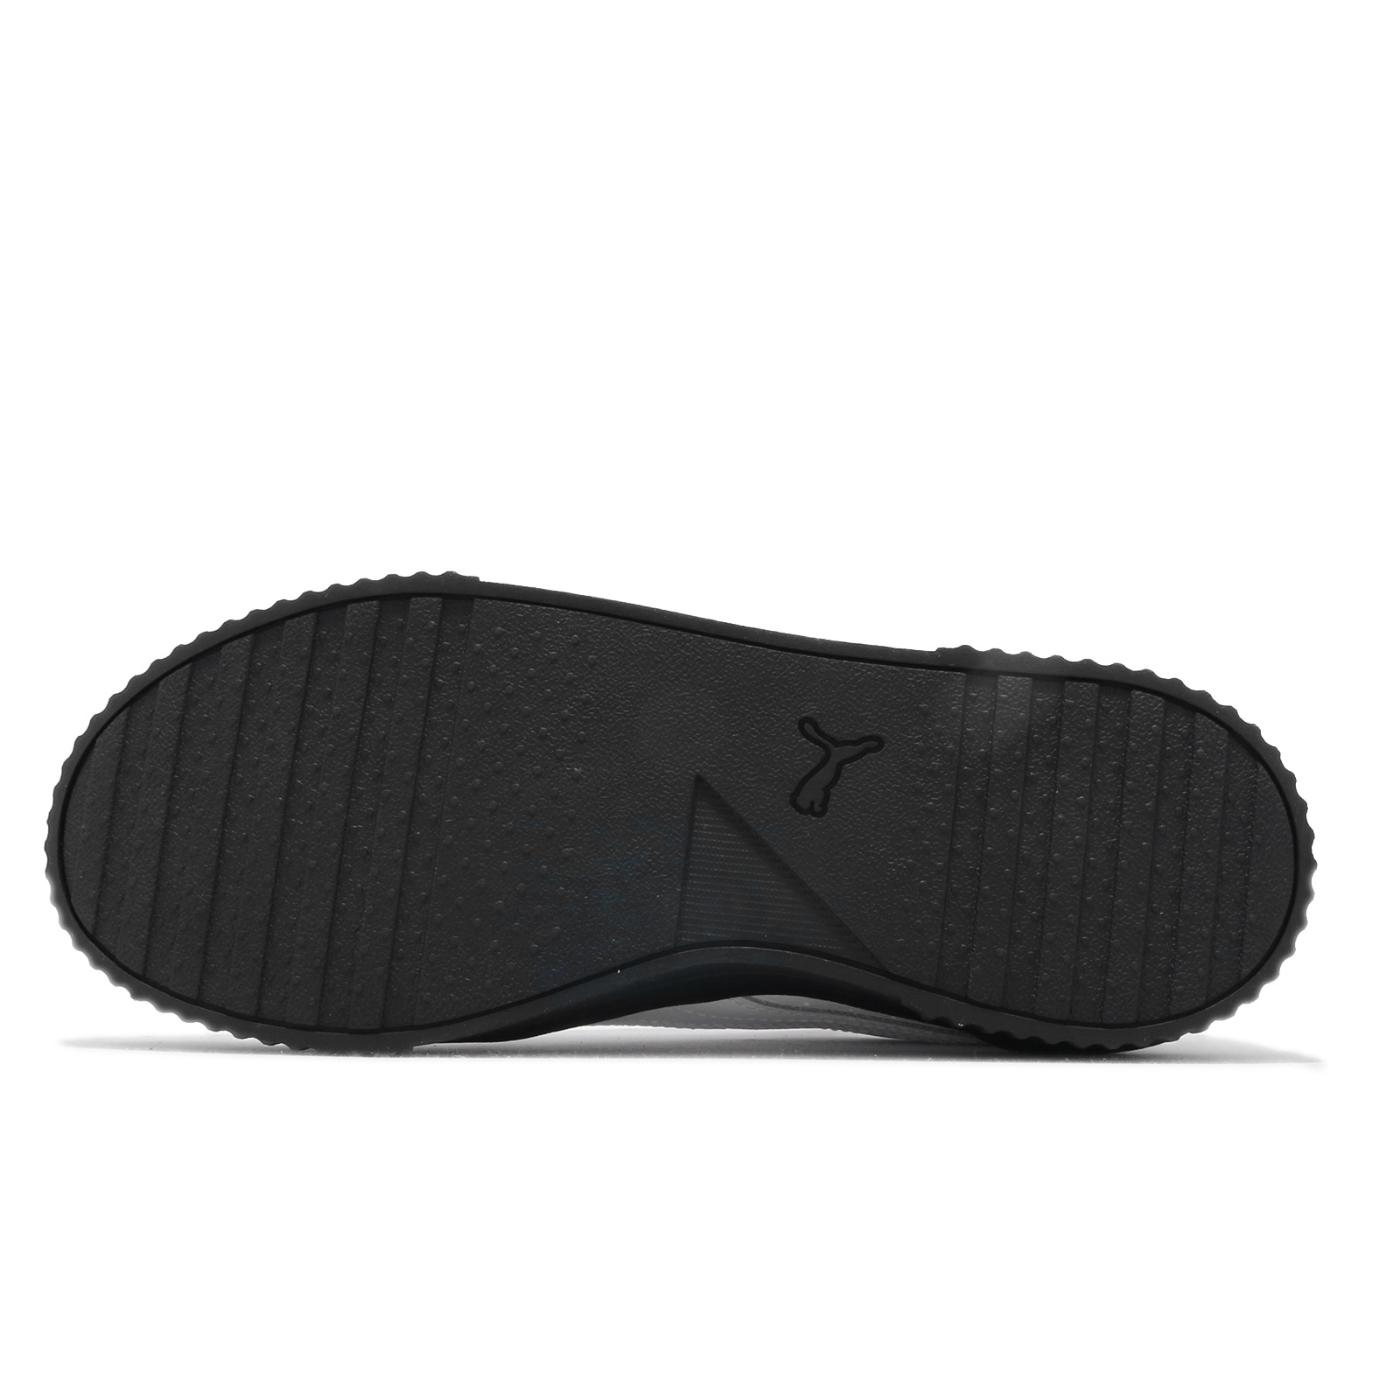 Puma 休閒鞋 CarinaL 運動 女鞋